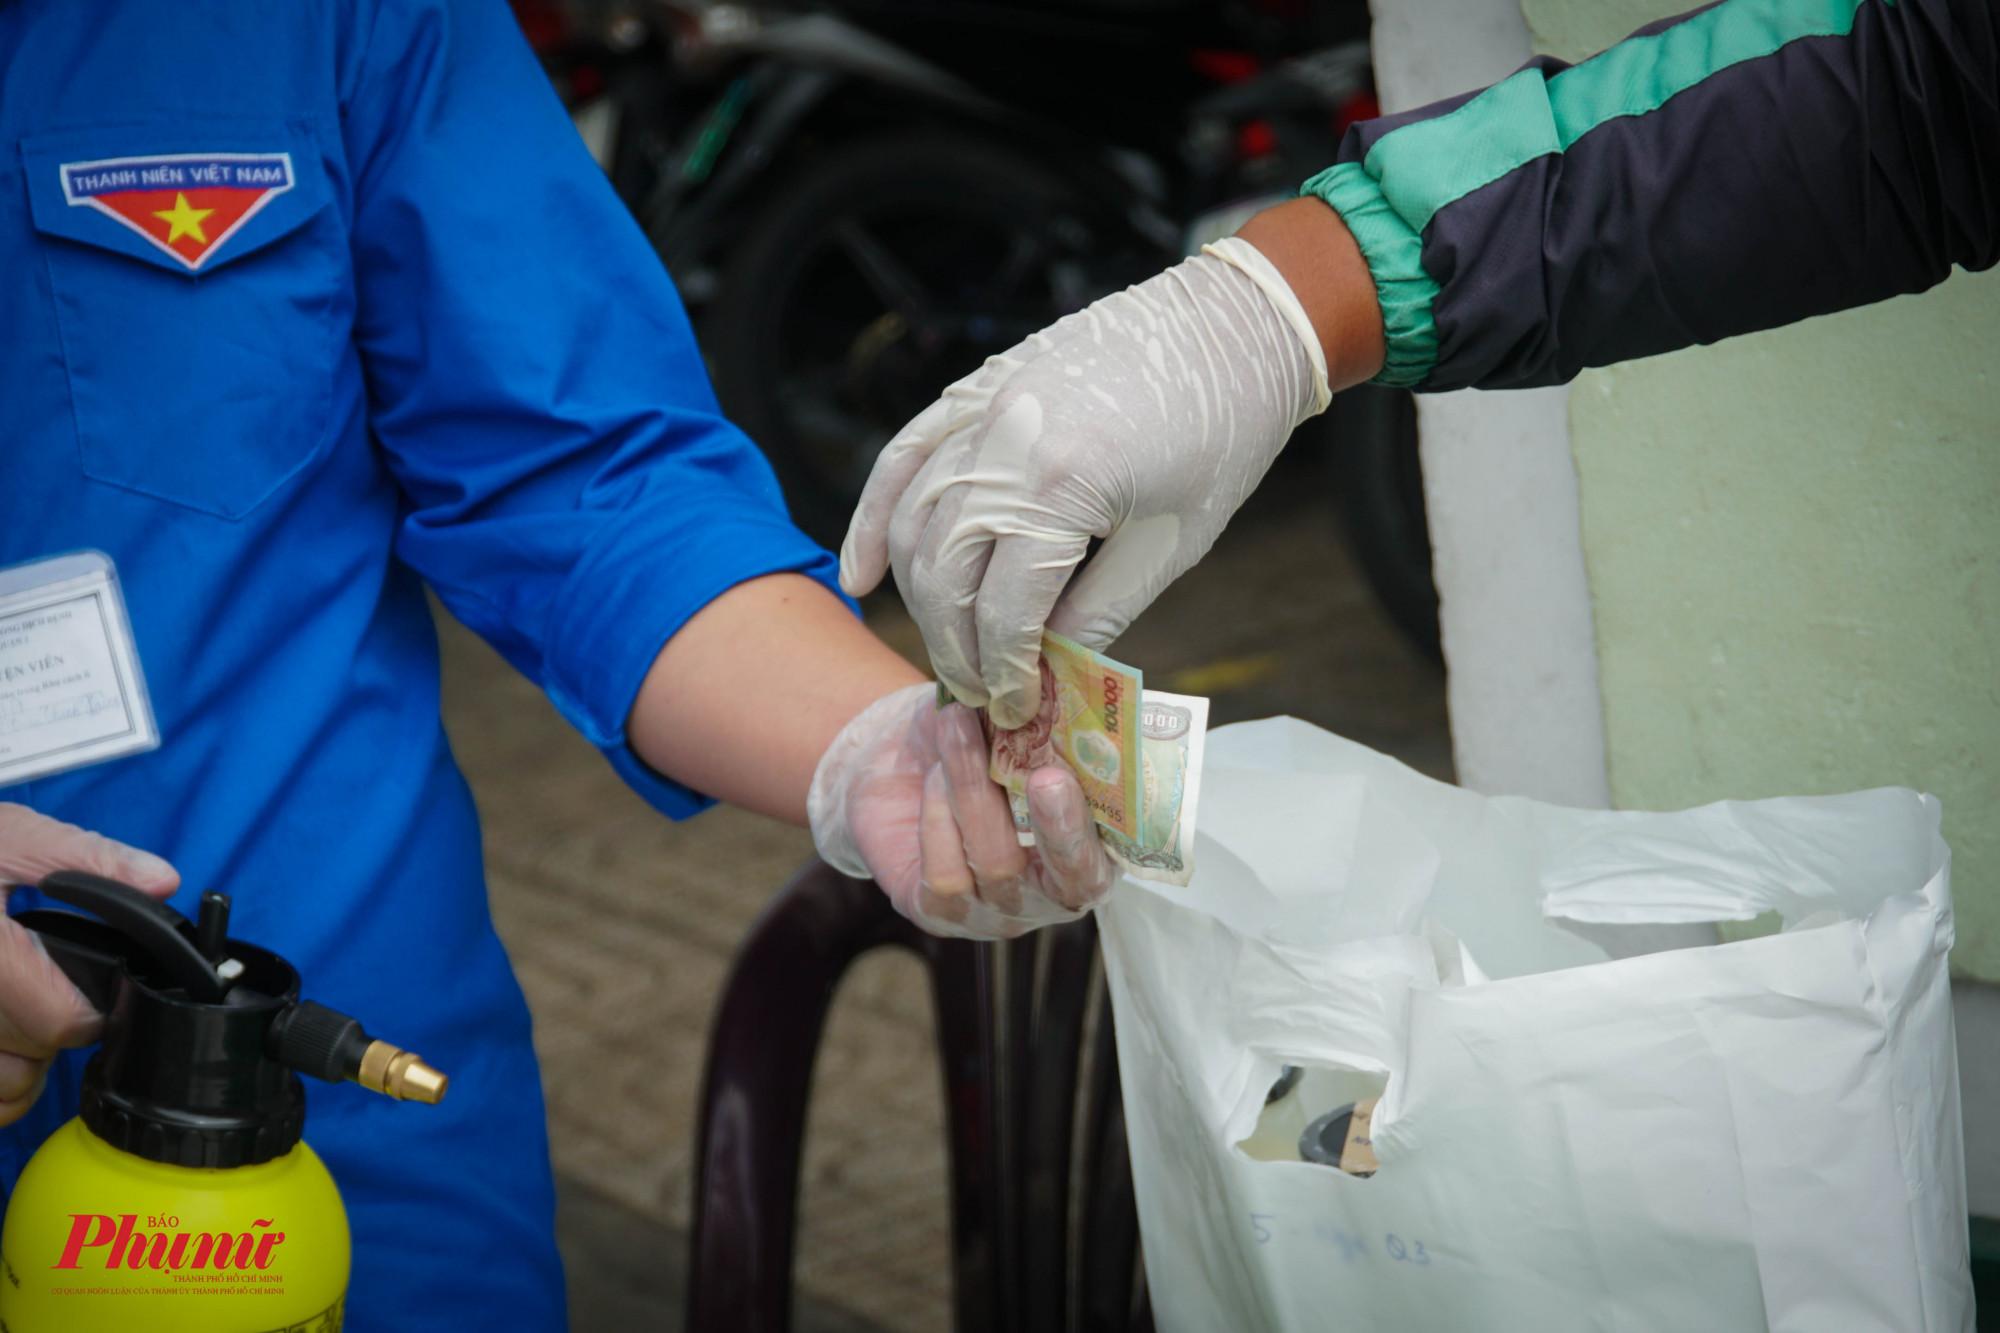 Người giao và nhận đều đeo găng tay nhằm hạn chế tiếp xúc